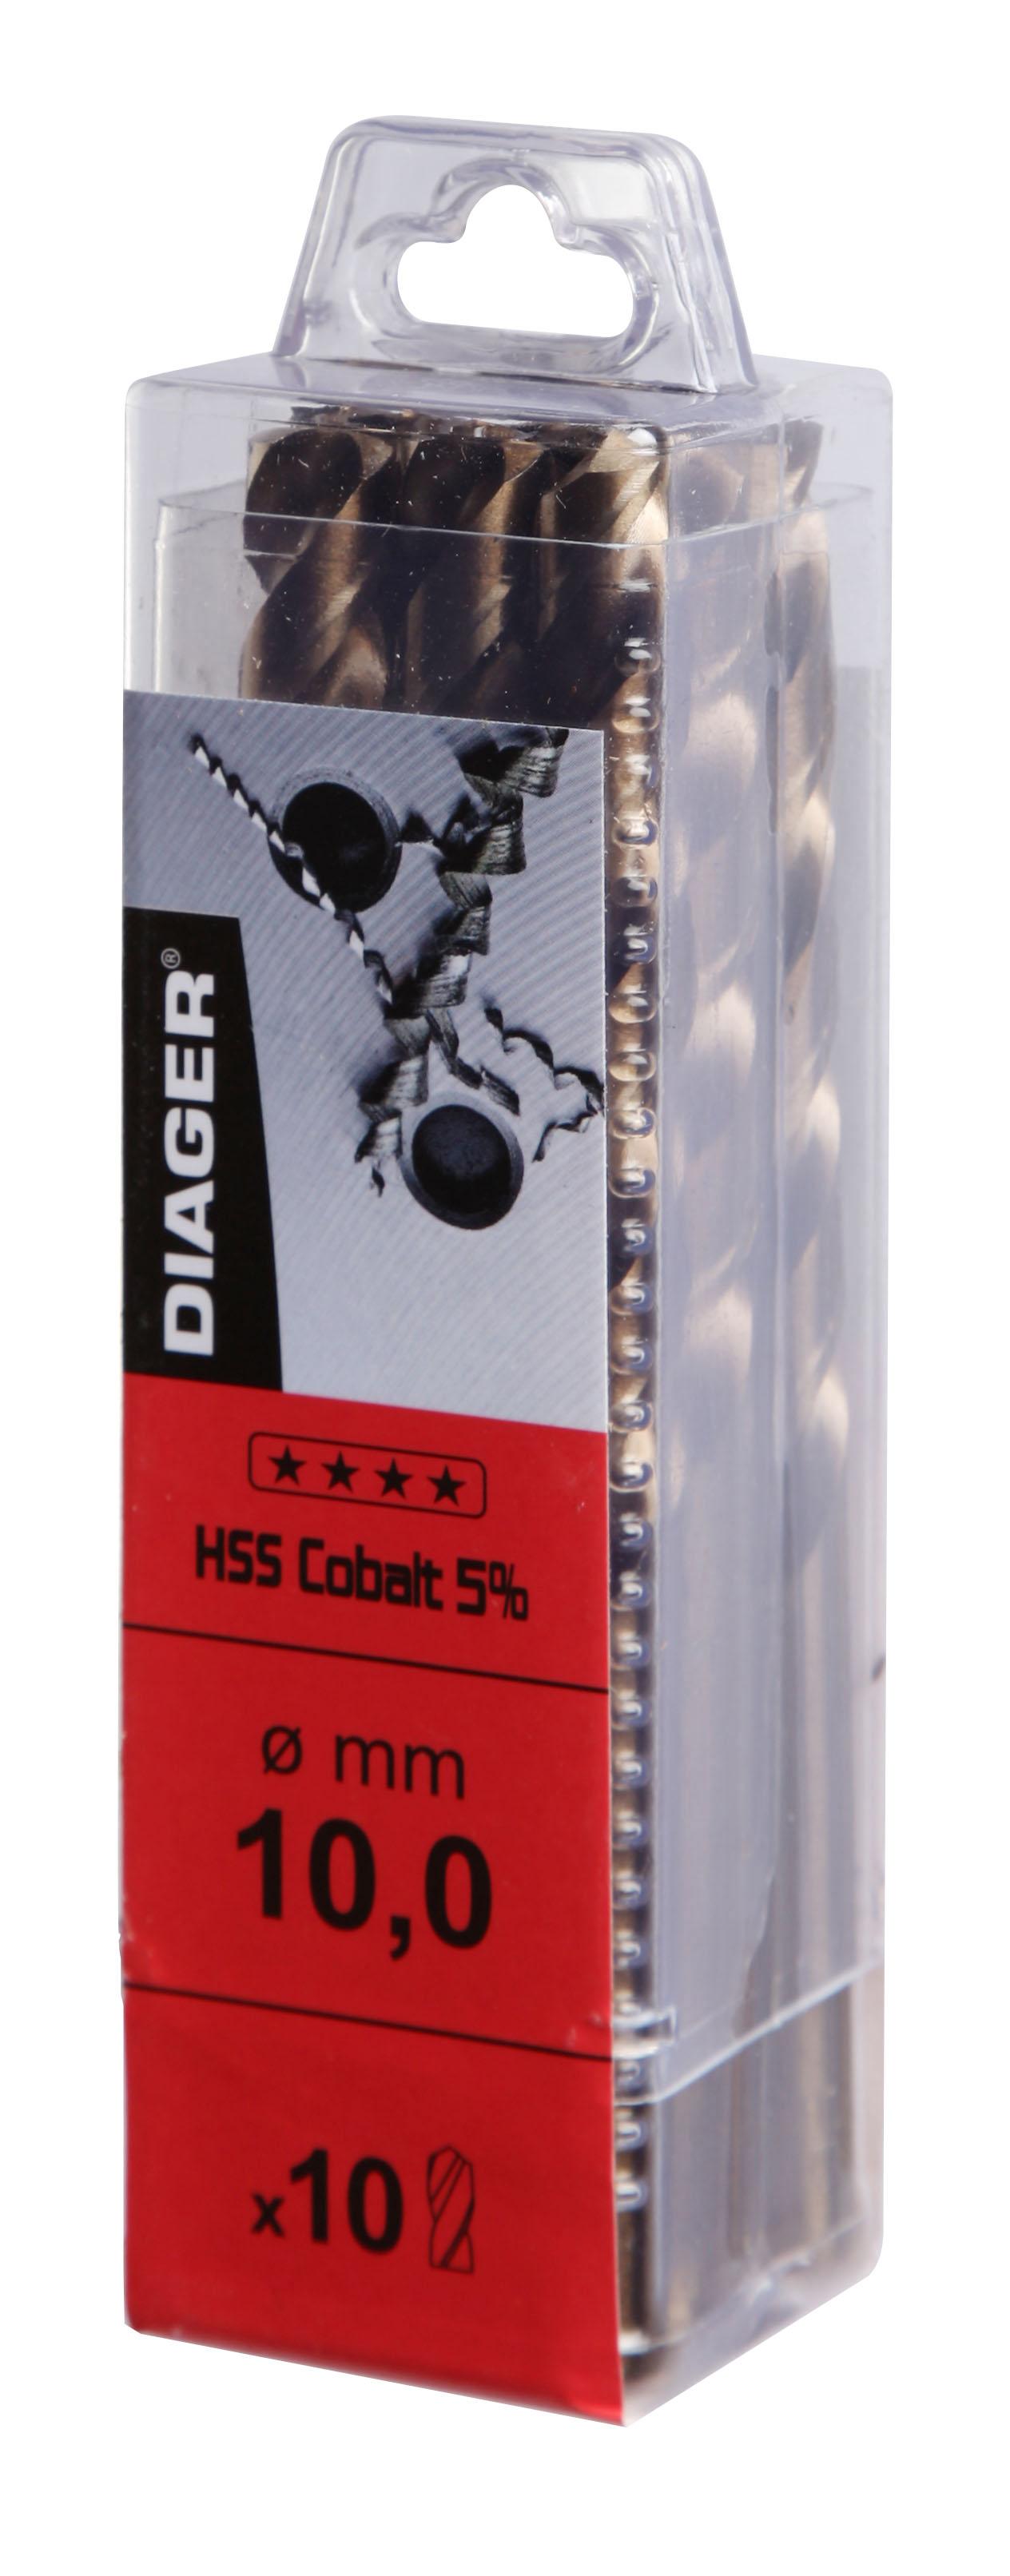 Perçage Cobalt 5% Pack 5 ou 10 forets HSS 5% Cobalt - 700.jpg